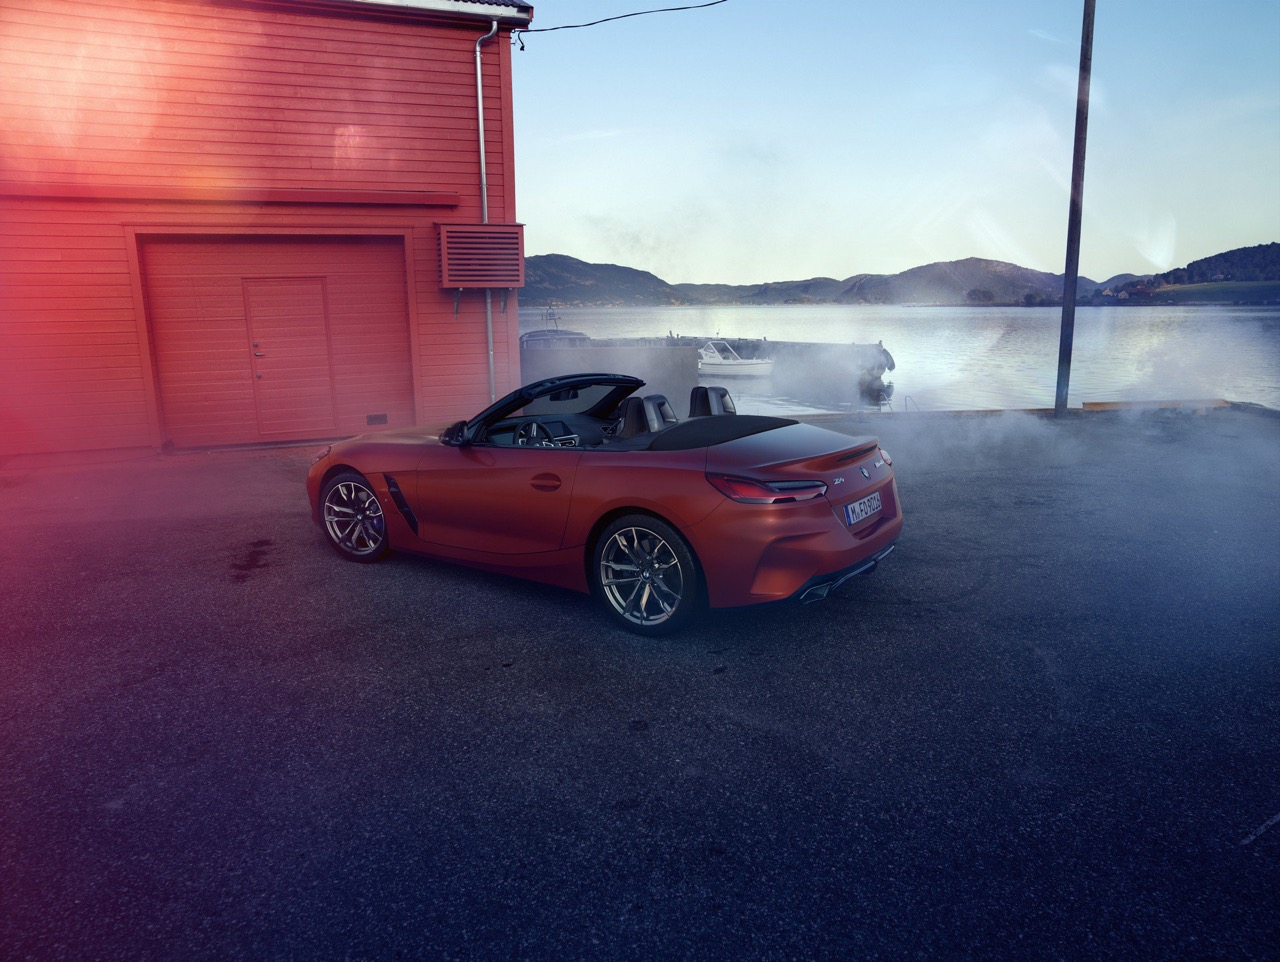 BMW-Z4-gelekt-oranje-01